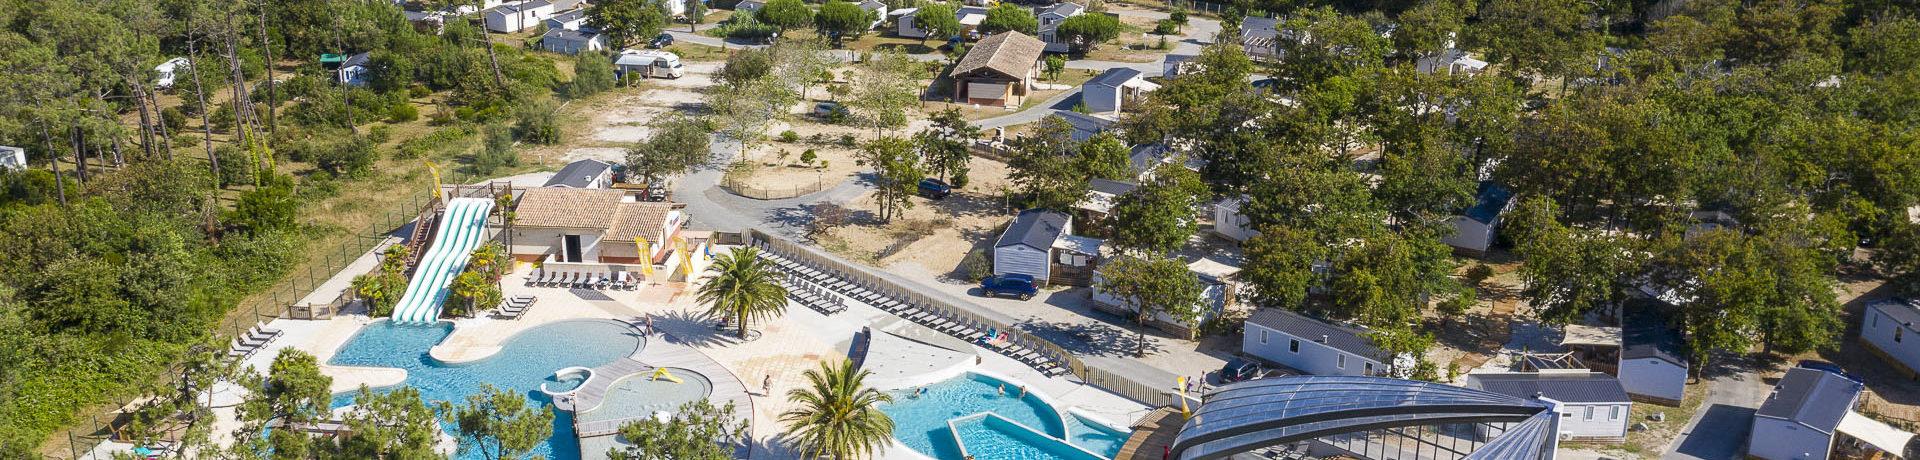 Sandaya Soulac Plage in Soulac-sur-Mer is een 4-sterrencamping met aquapark aan het strand van de kust van de Aquitaine, ten zuiden van het estuarium van de Gironde.